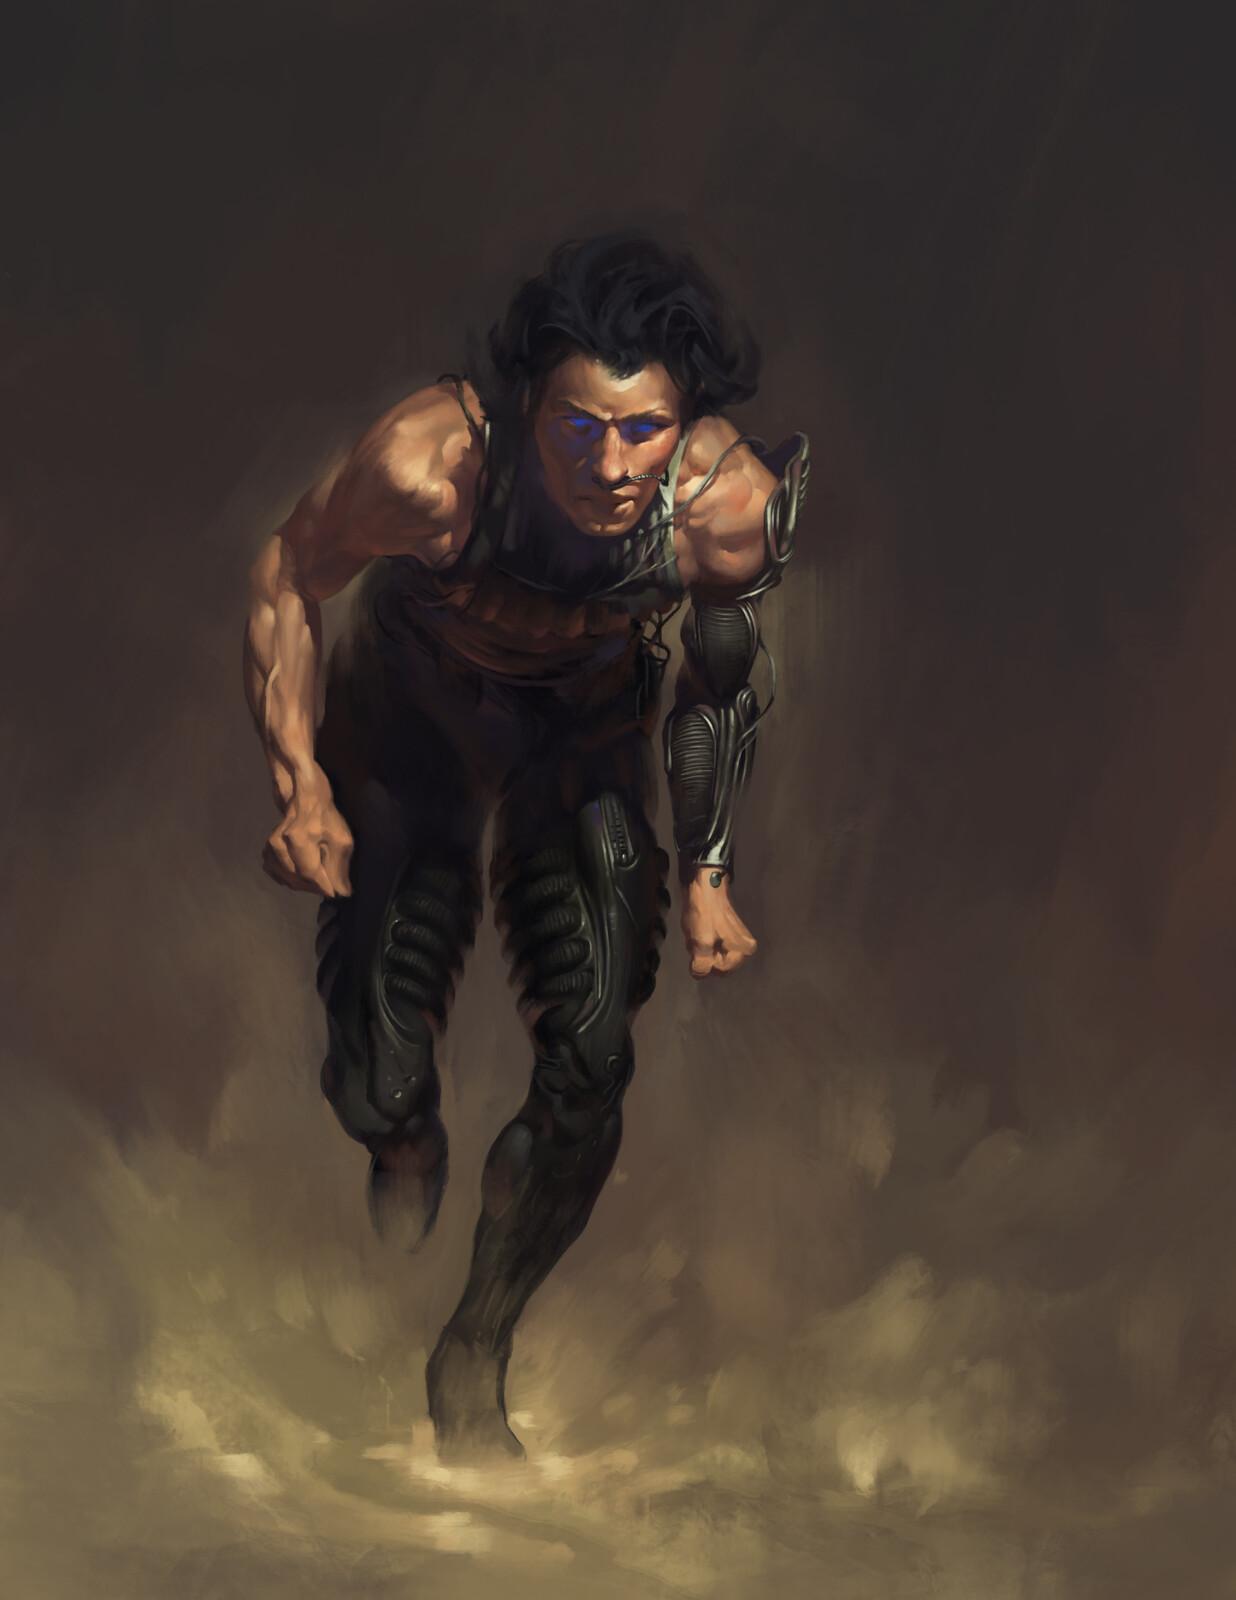 Paul Atreides - Dune